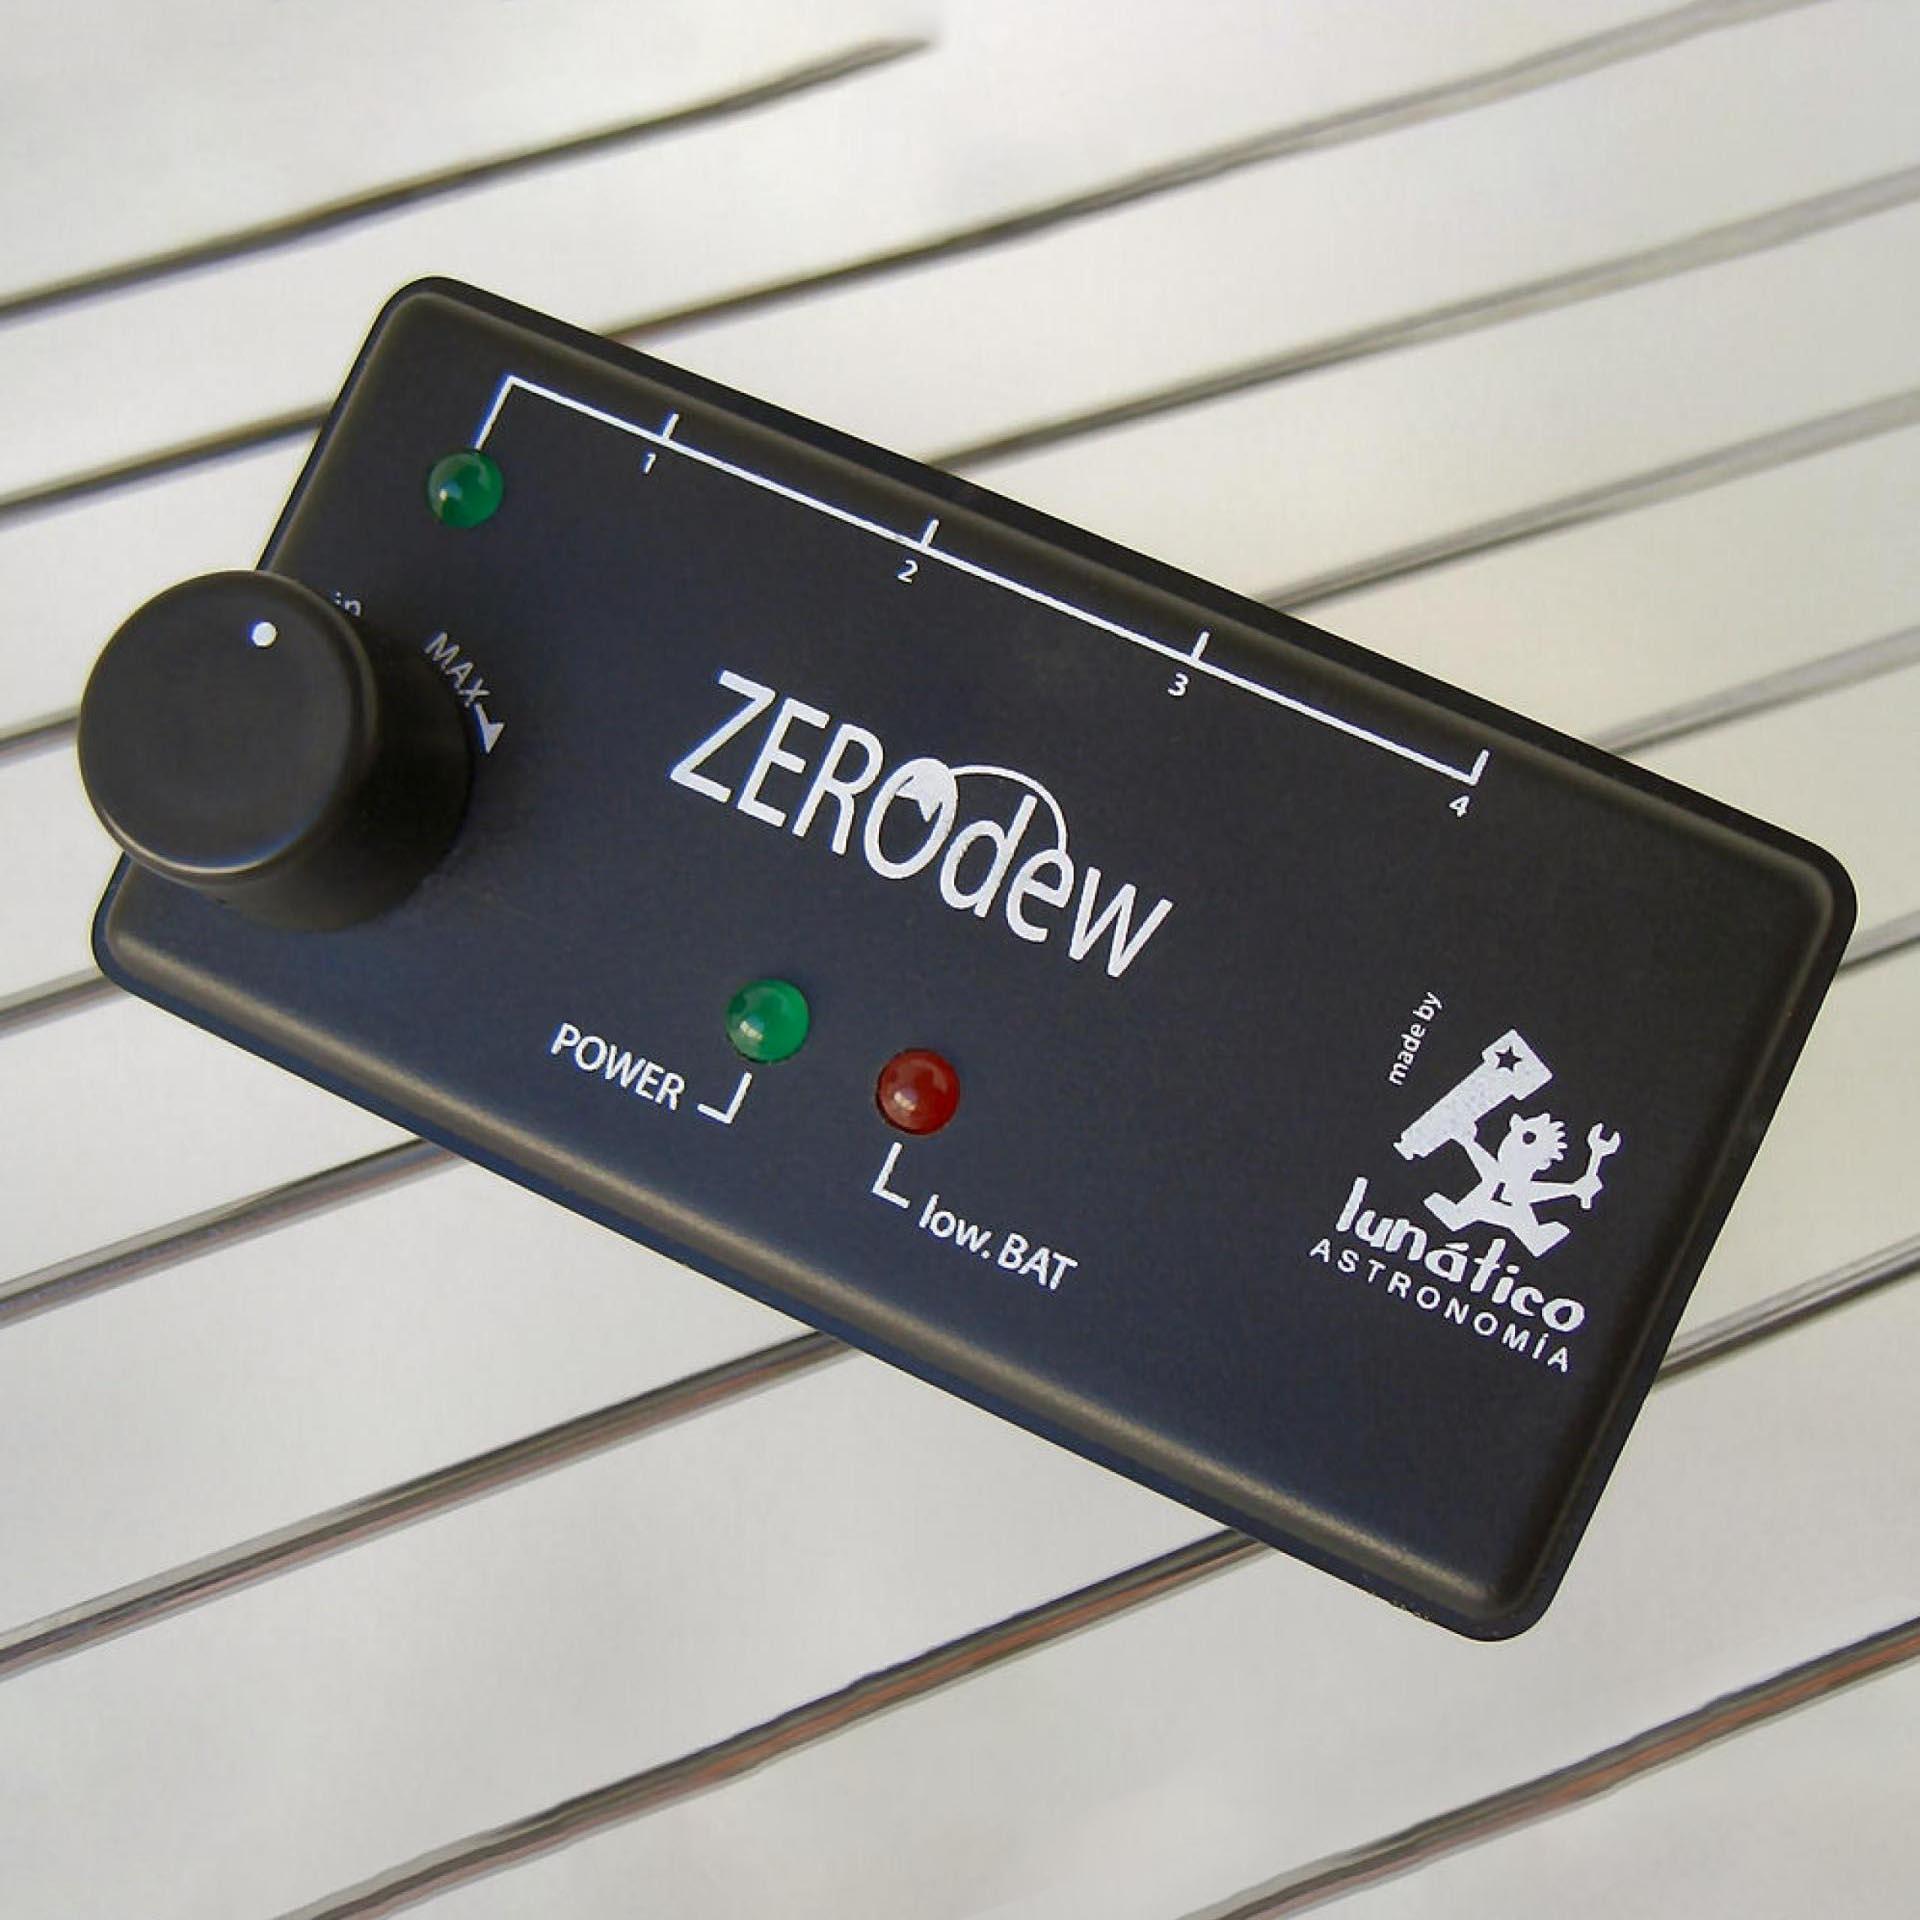 ZeroDew